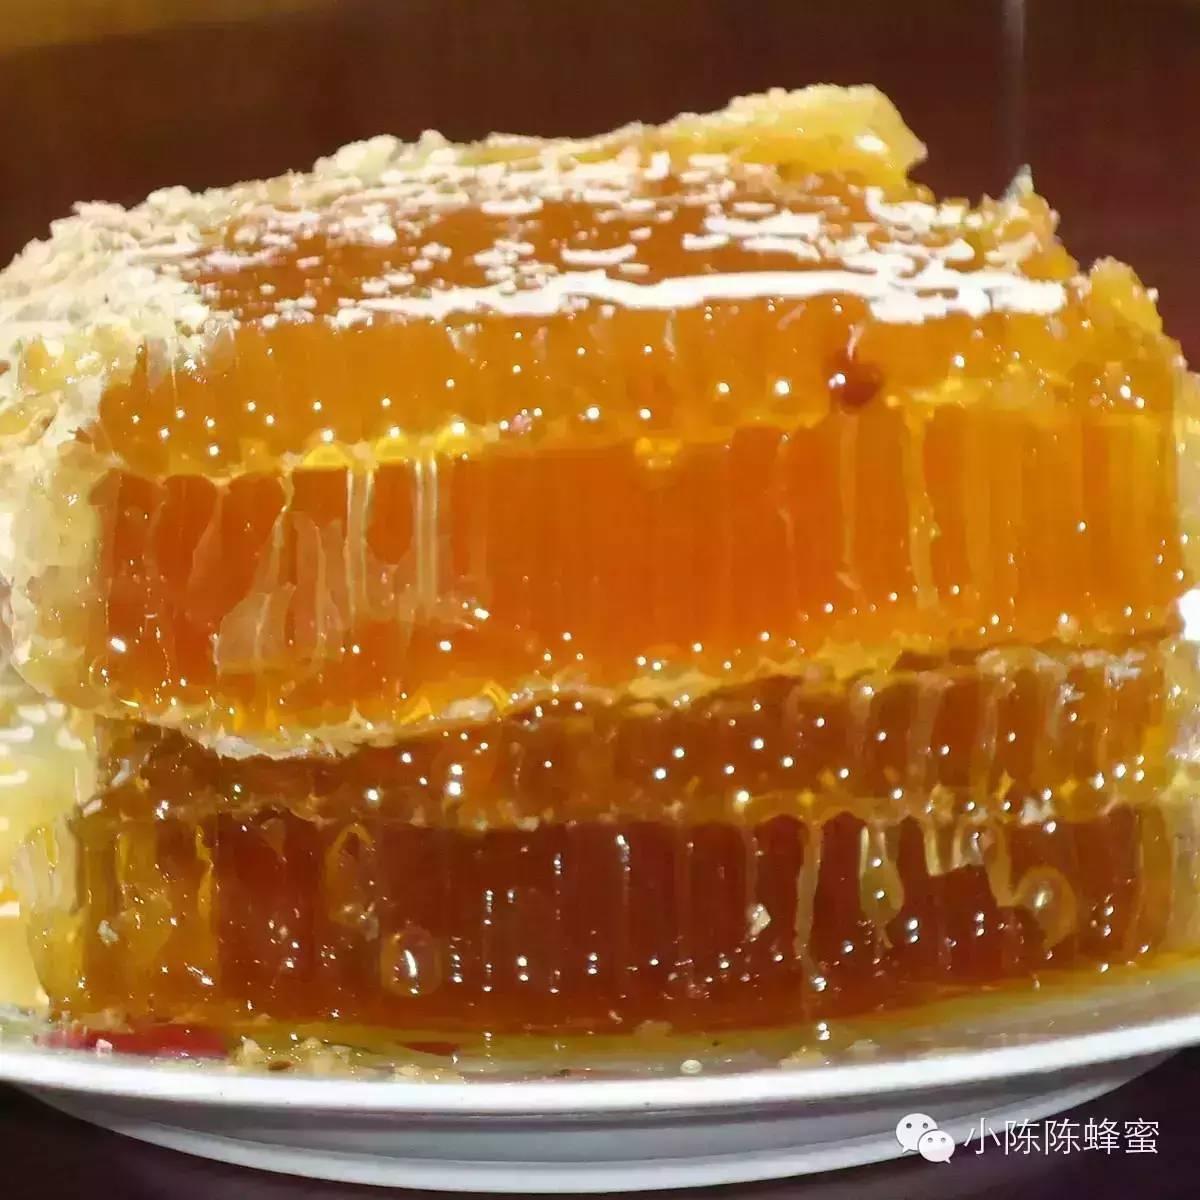 蜂蜜与豆花 蜜蜂的蜂蜜存放 每天喝蜂蜜好吗 神农蜂蜜好吗 常喝柠檬蜂蜜水好吗